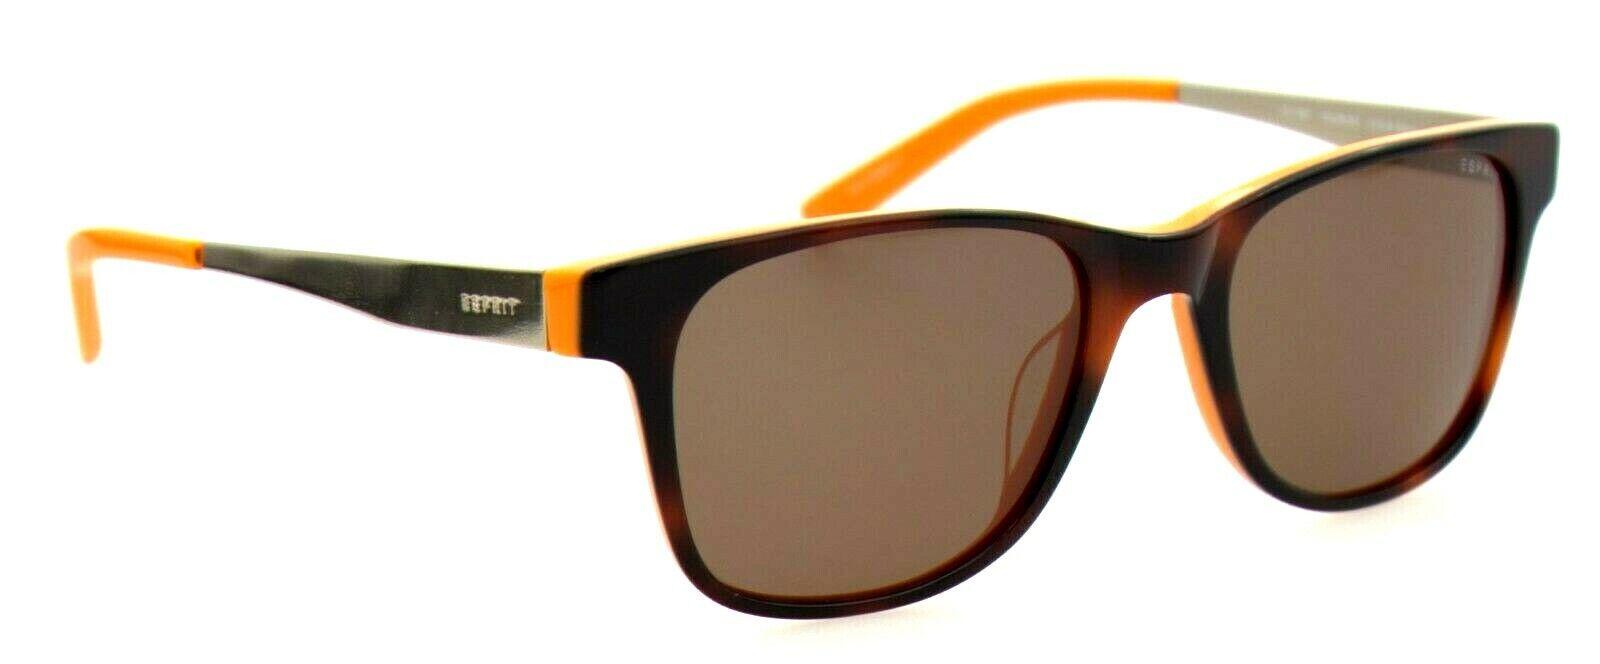 Vogue Damen Sonnenbrille  VO2606-S 2287//14 52mm braun gelb 303 71